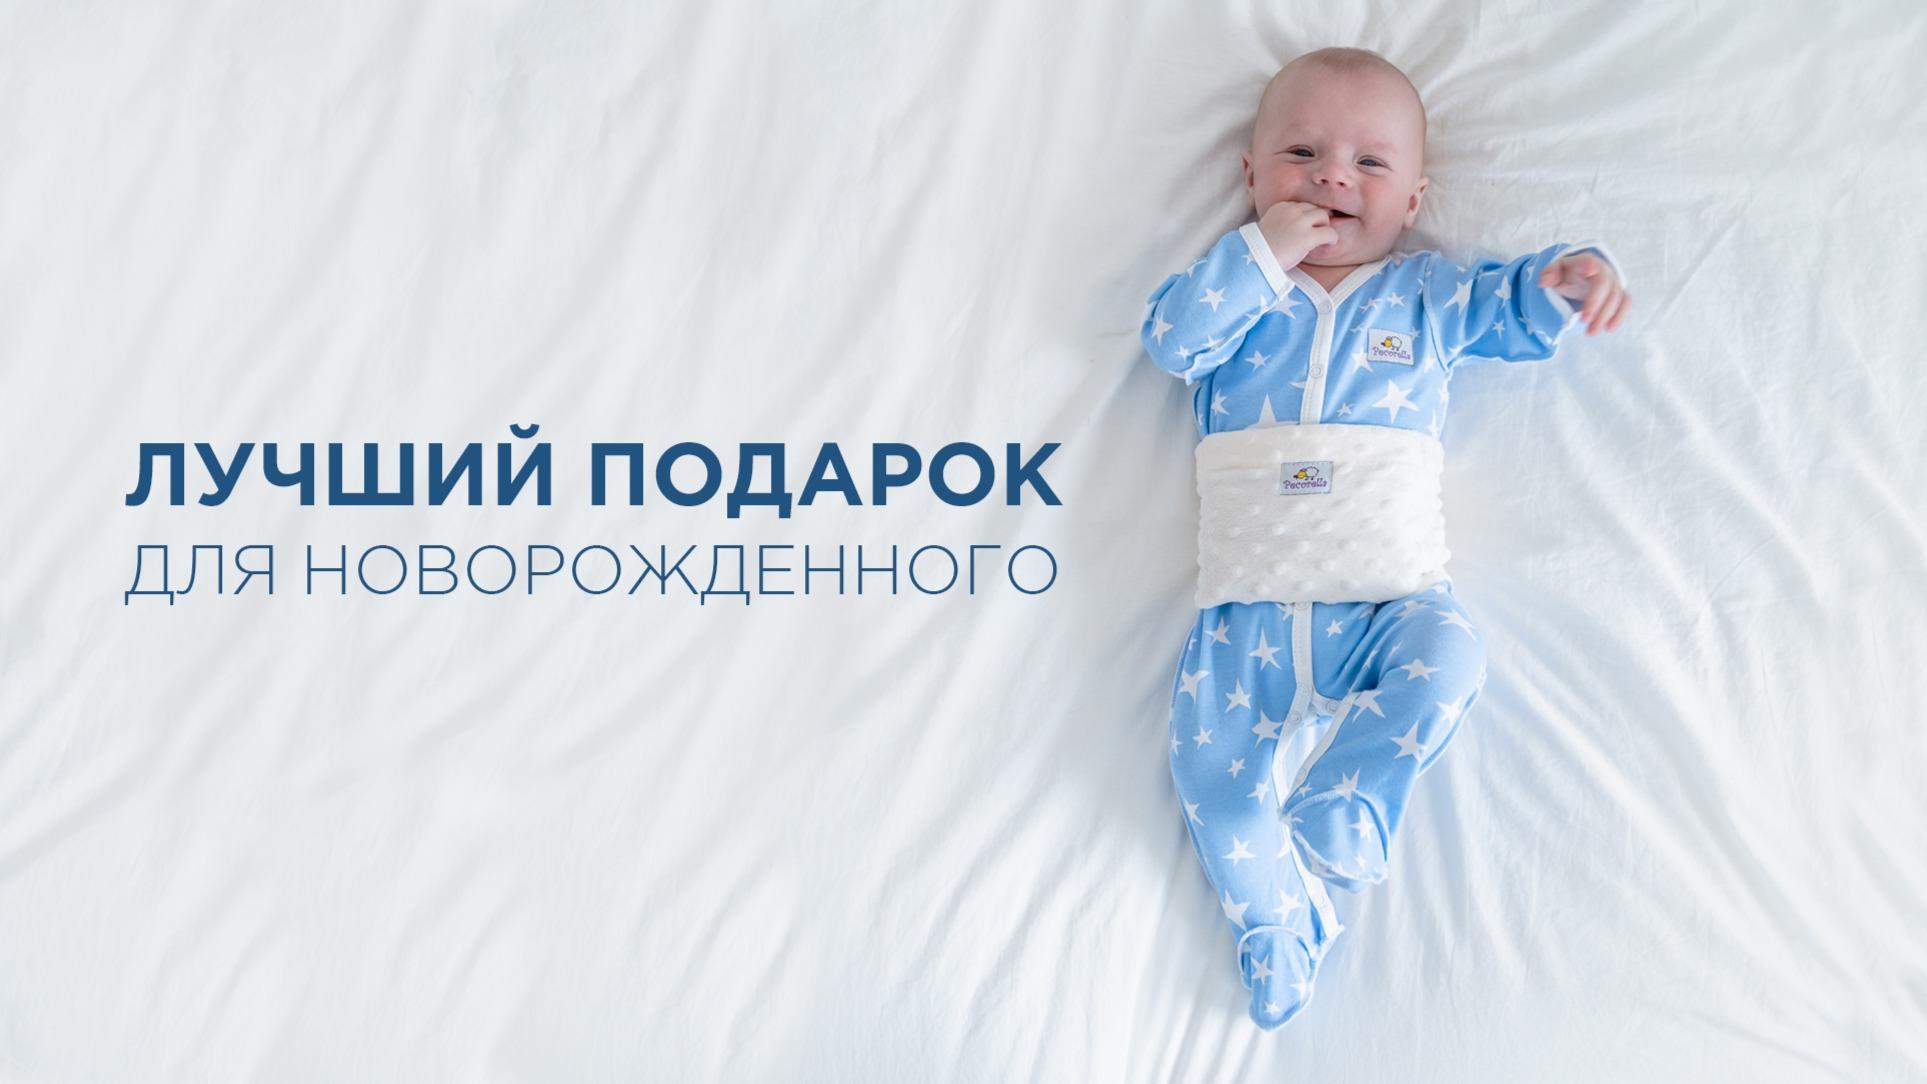 Лучший подарок для новорожденного